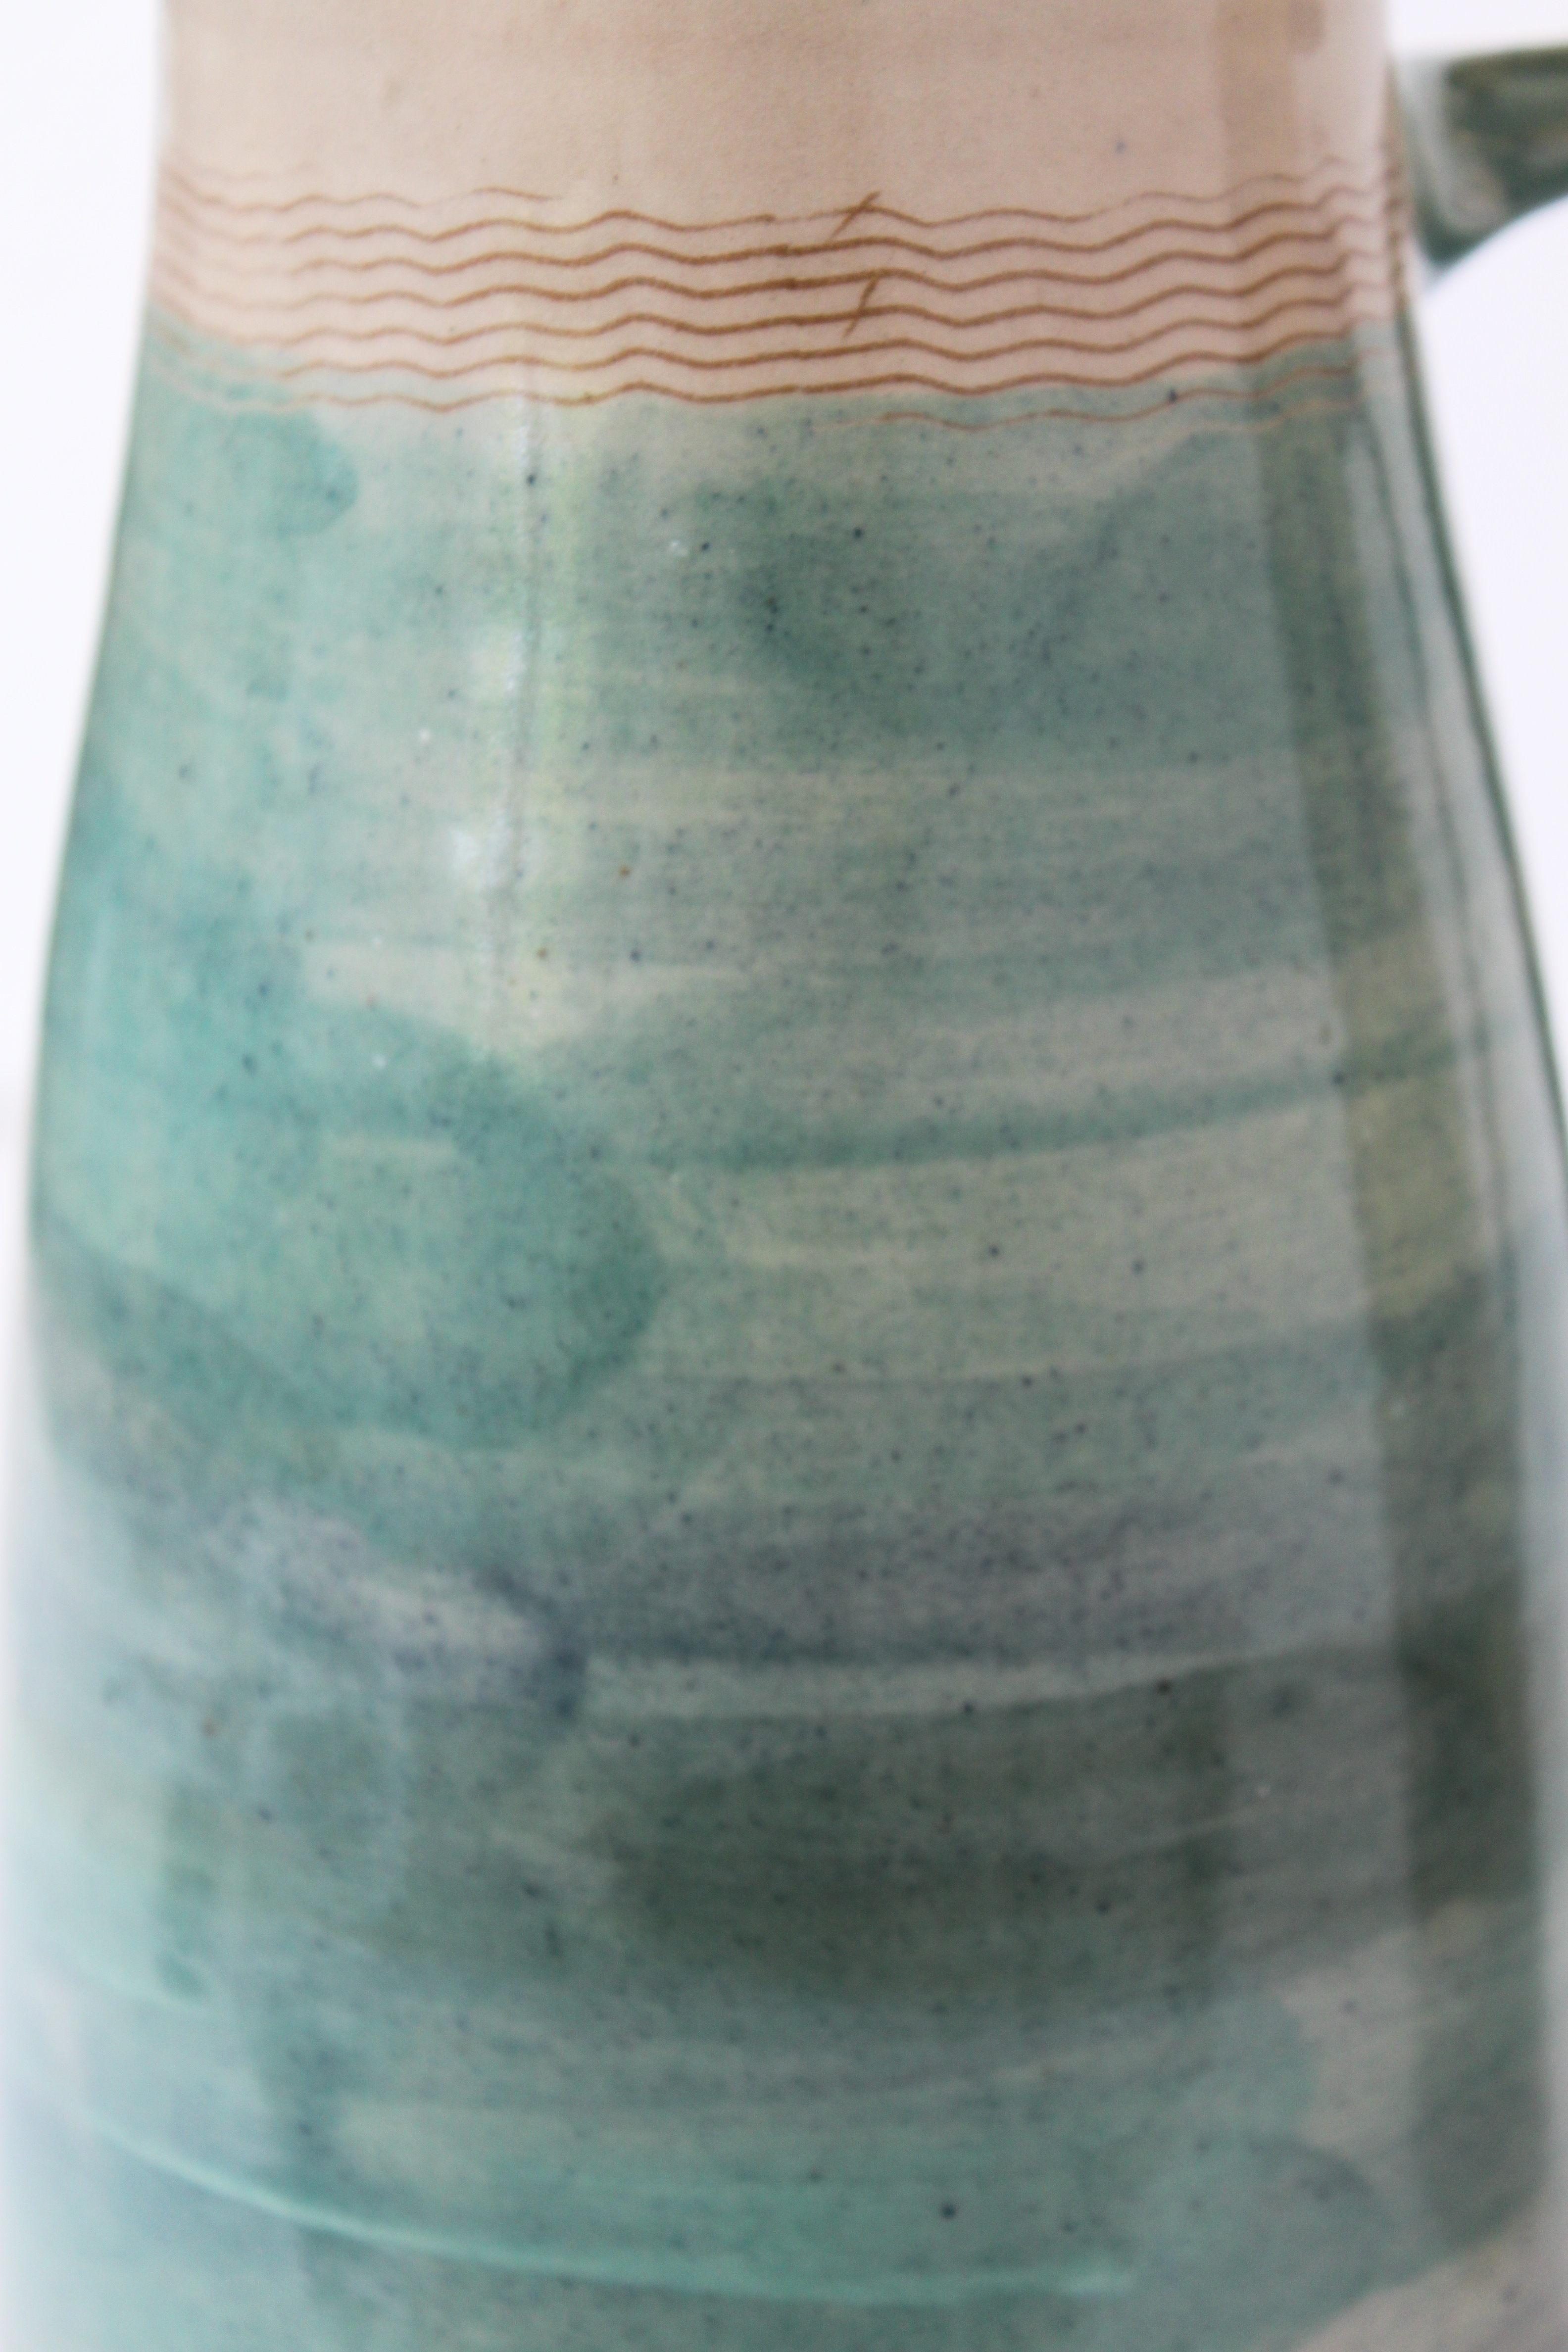 aqua-mint-gebandert